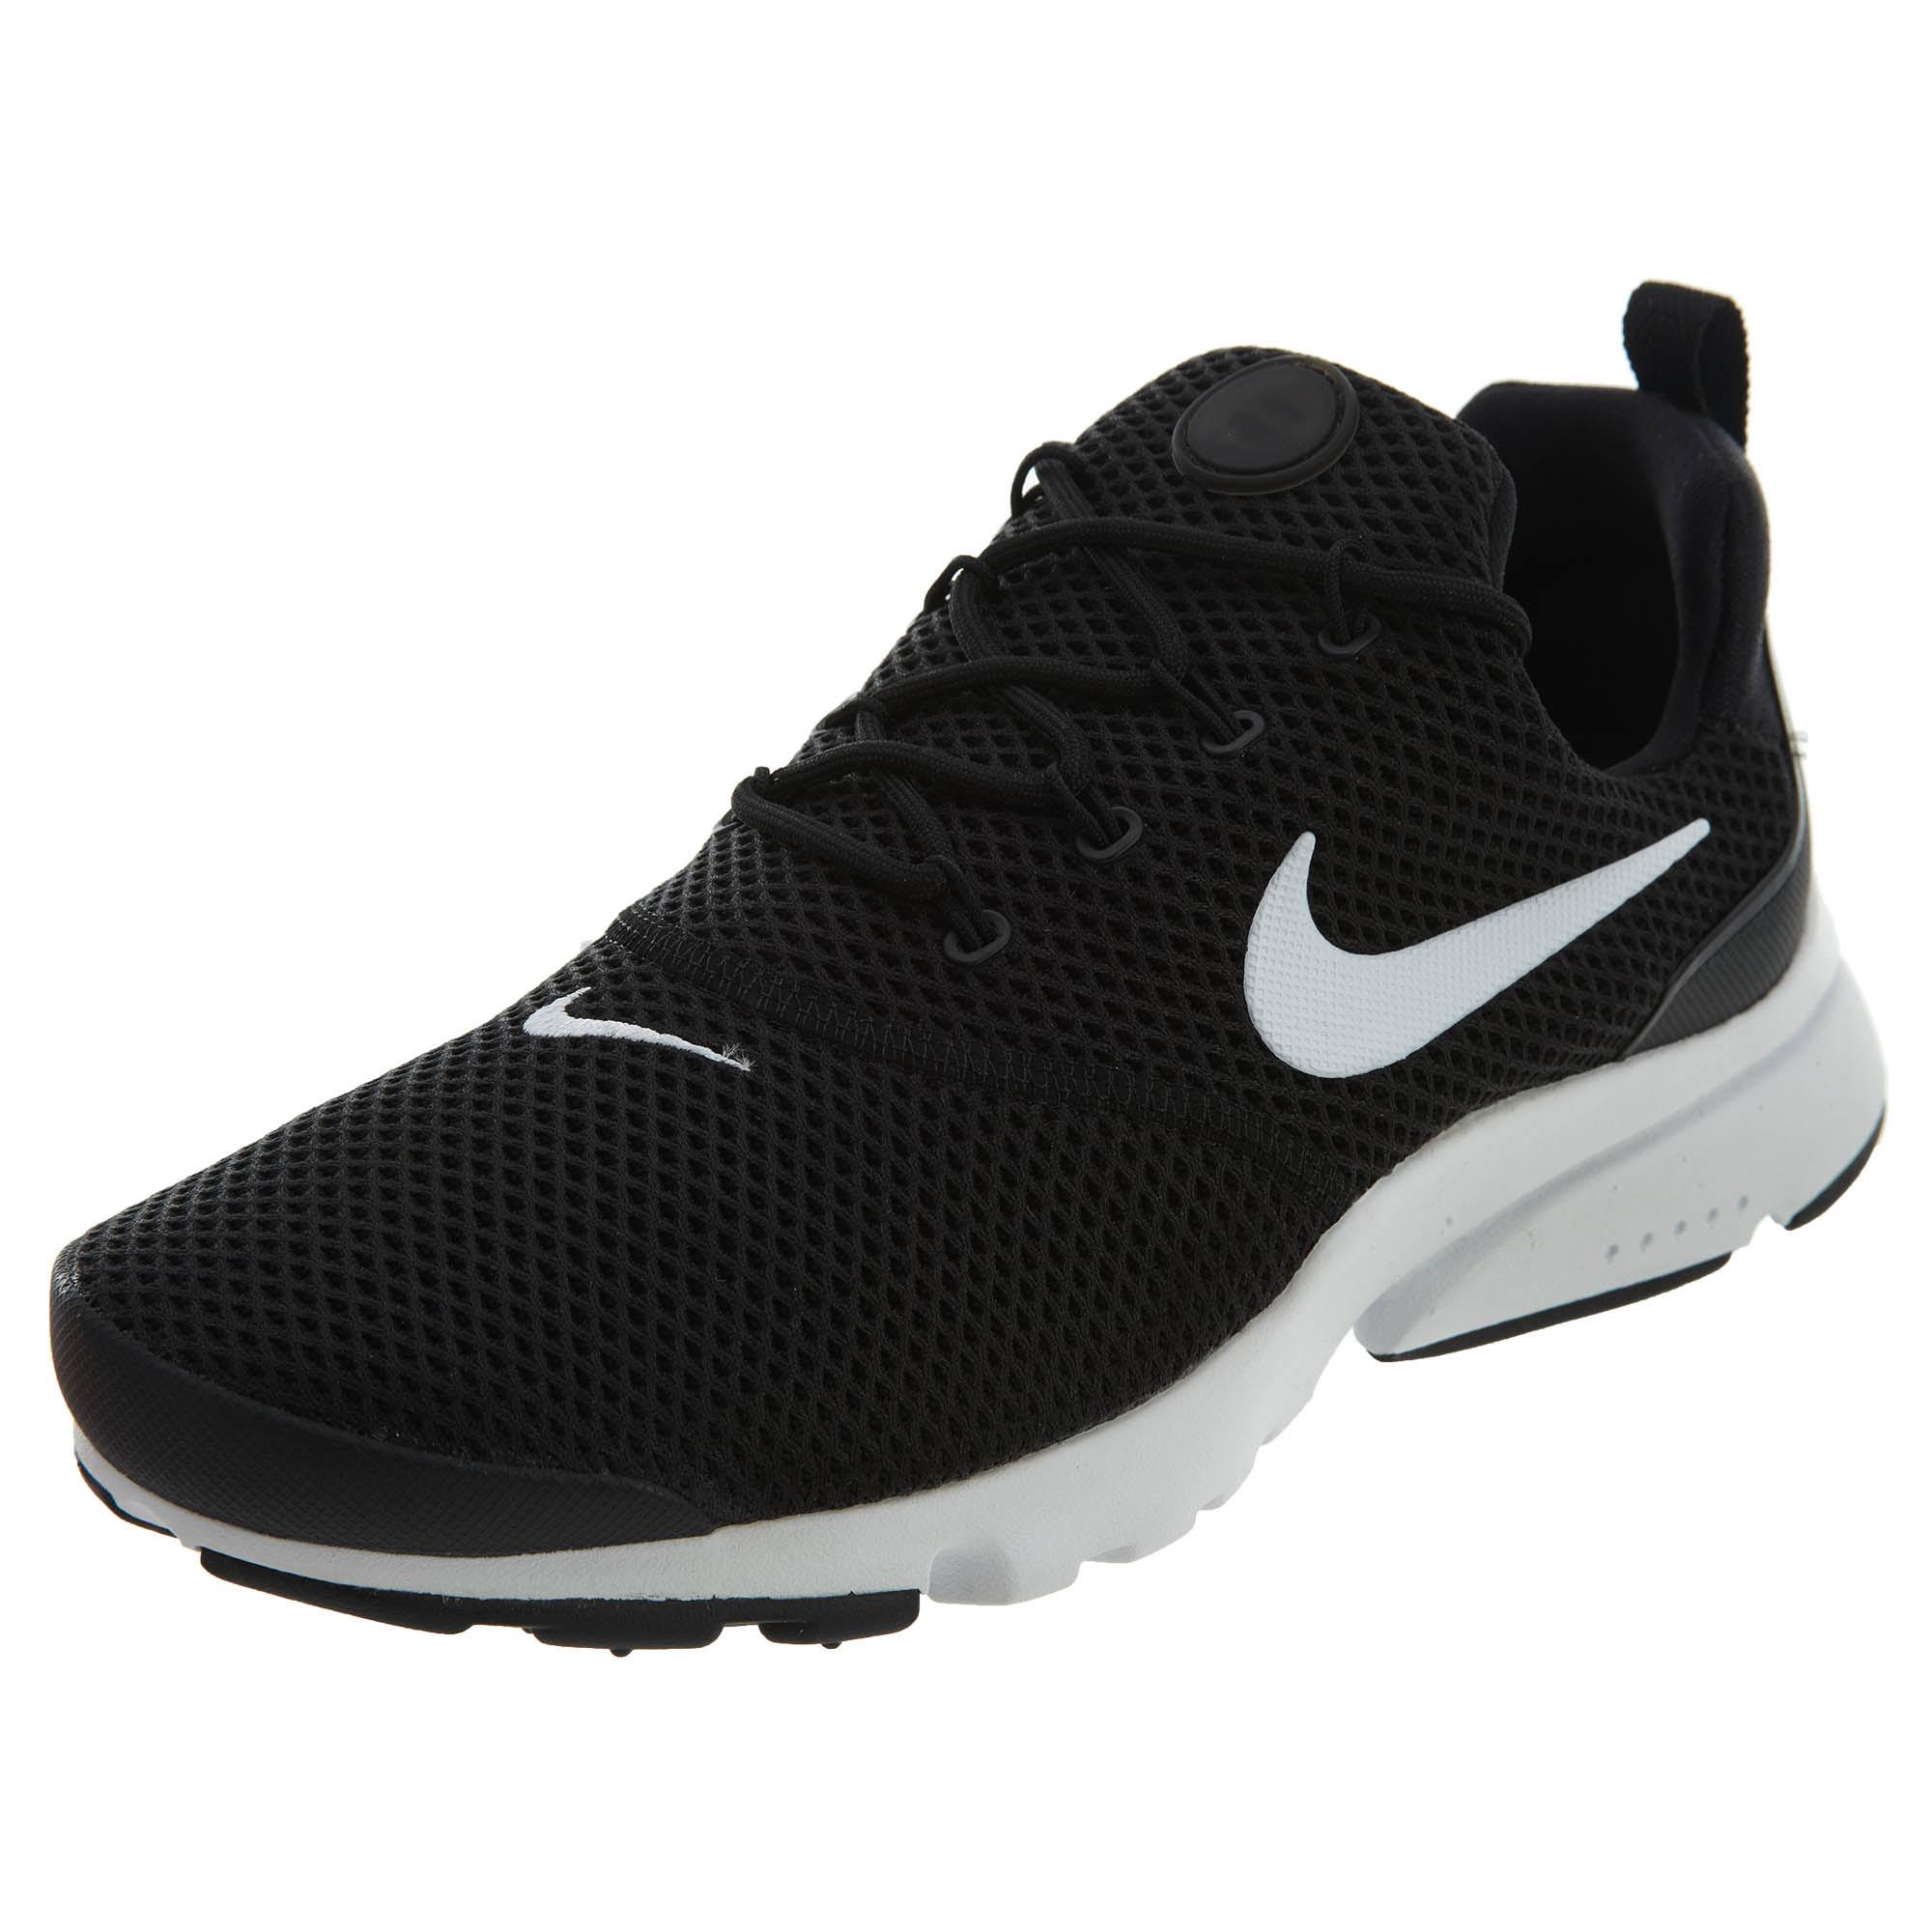 schwarz 6 weiß Schwarz Nike 910569 Style Weiß Presto Fly Womens Weiß 1aw68Aq